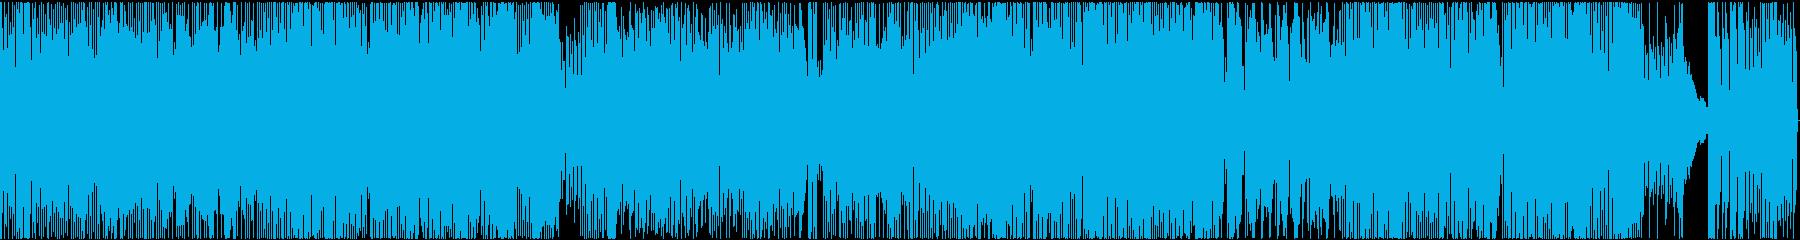 レッツ歌ジャズの再生済みの波形